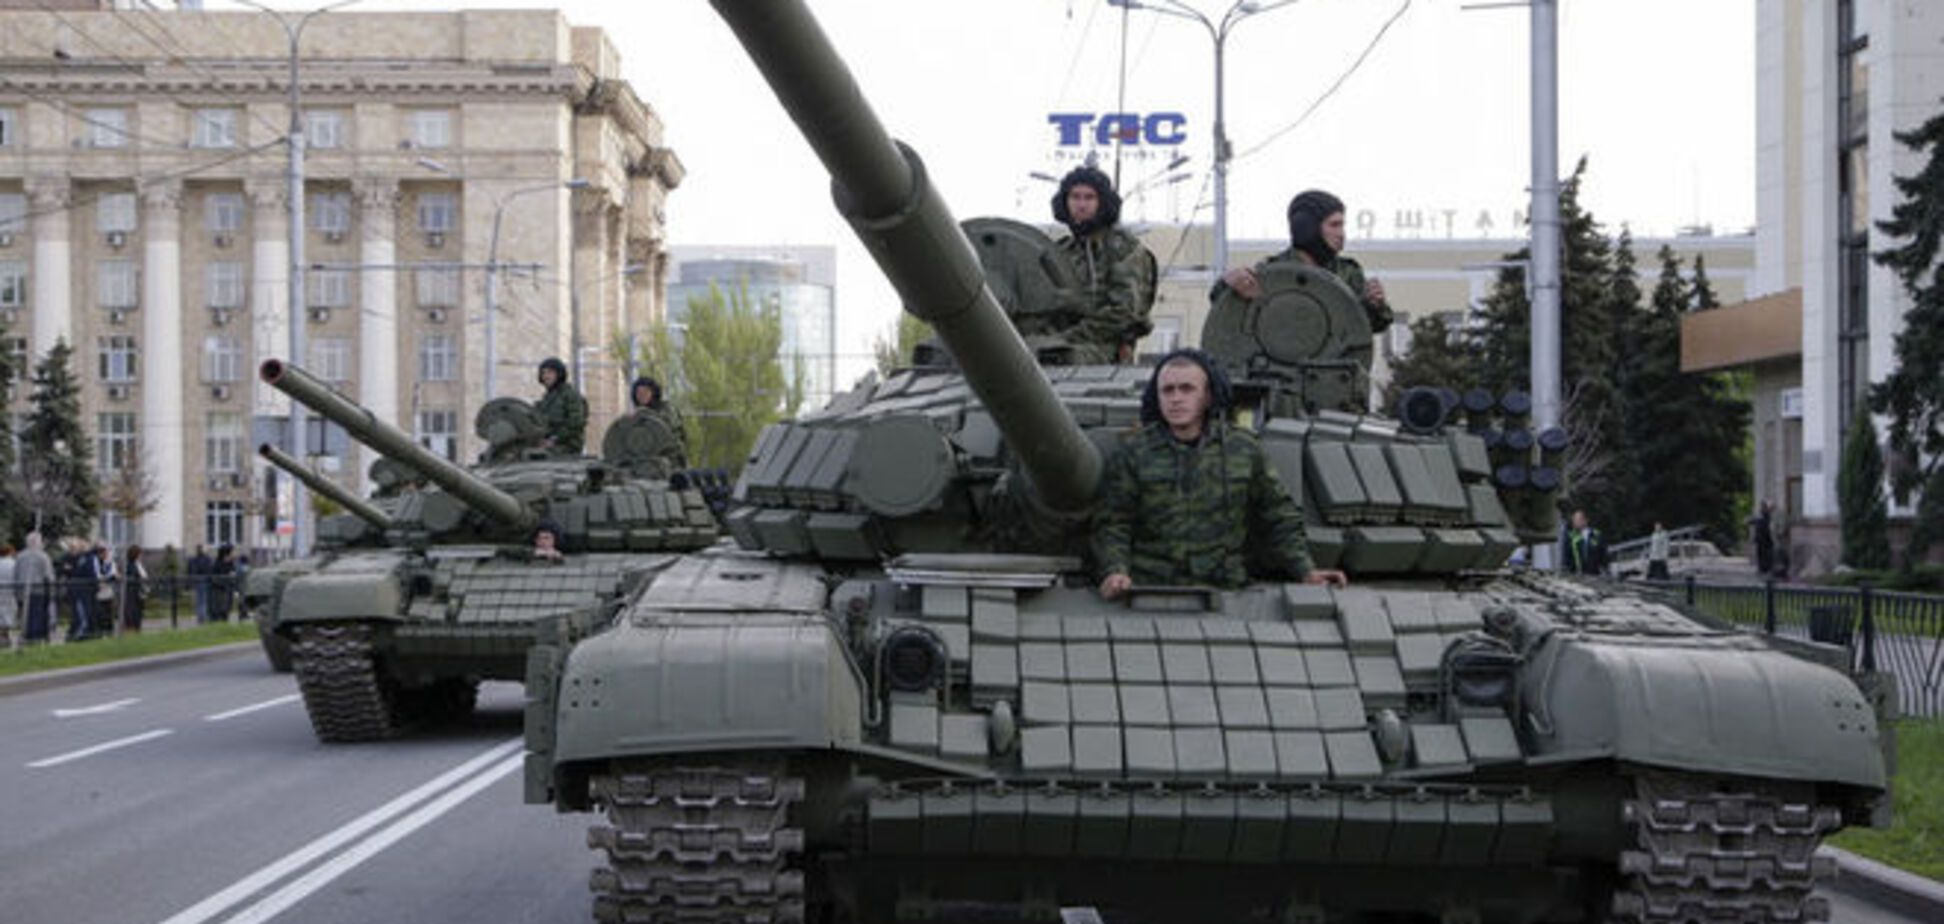 Чи підуть бойовики в наступ після 9 травня: прогнози і думки